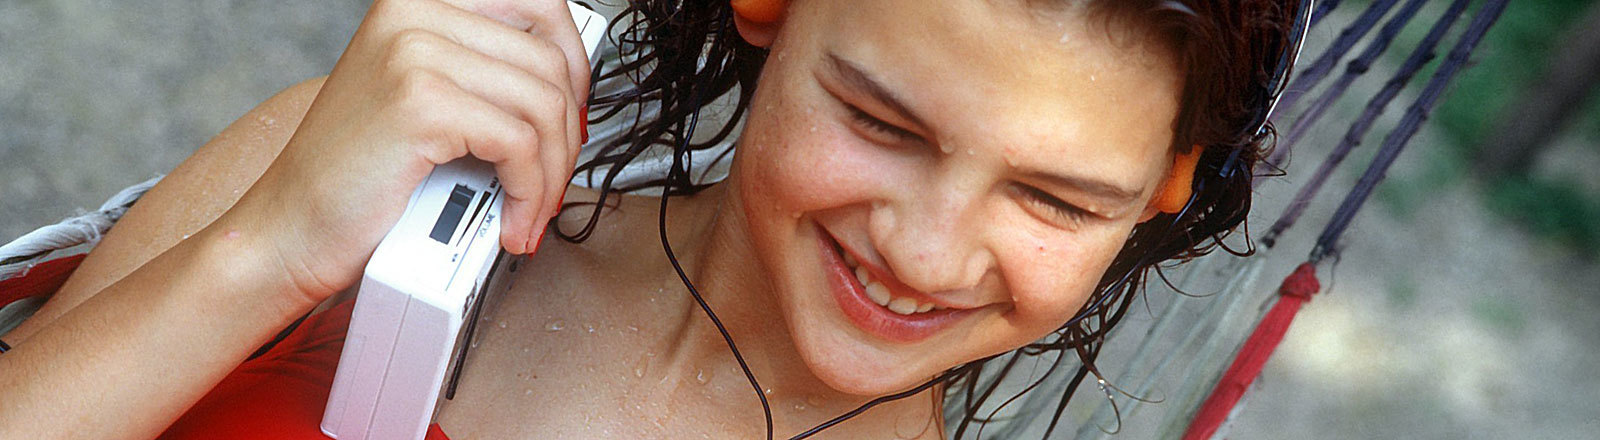 Eine junge Frau liegt in einer Hängematte und hört Musik mit ihrem Walkman. Aufnahme von 1986; Foto: dpa